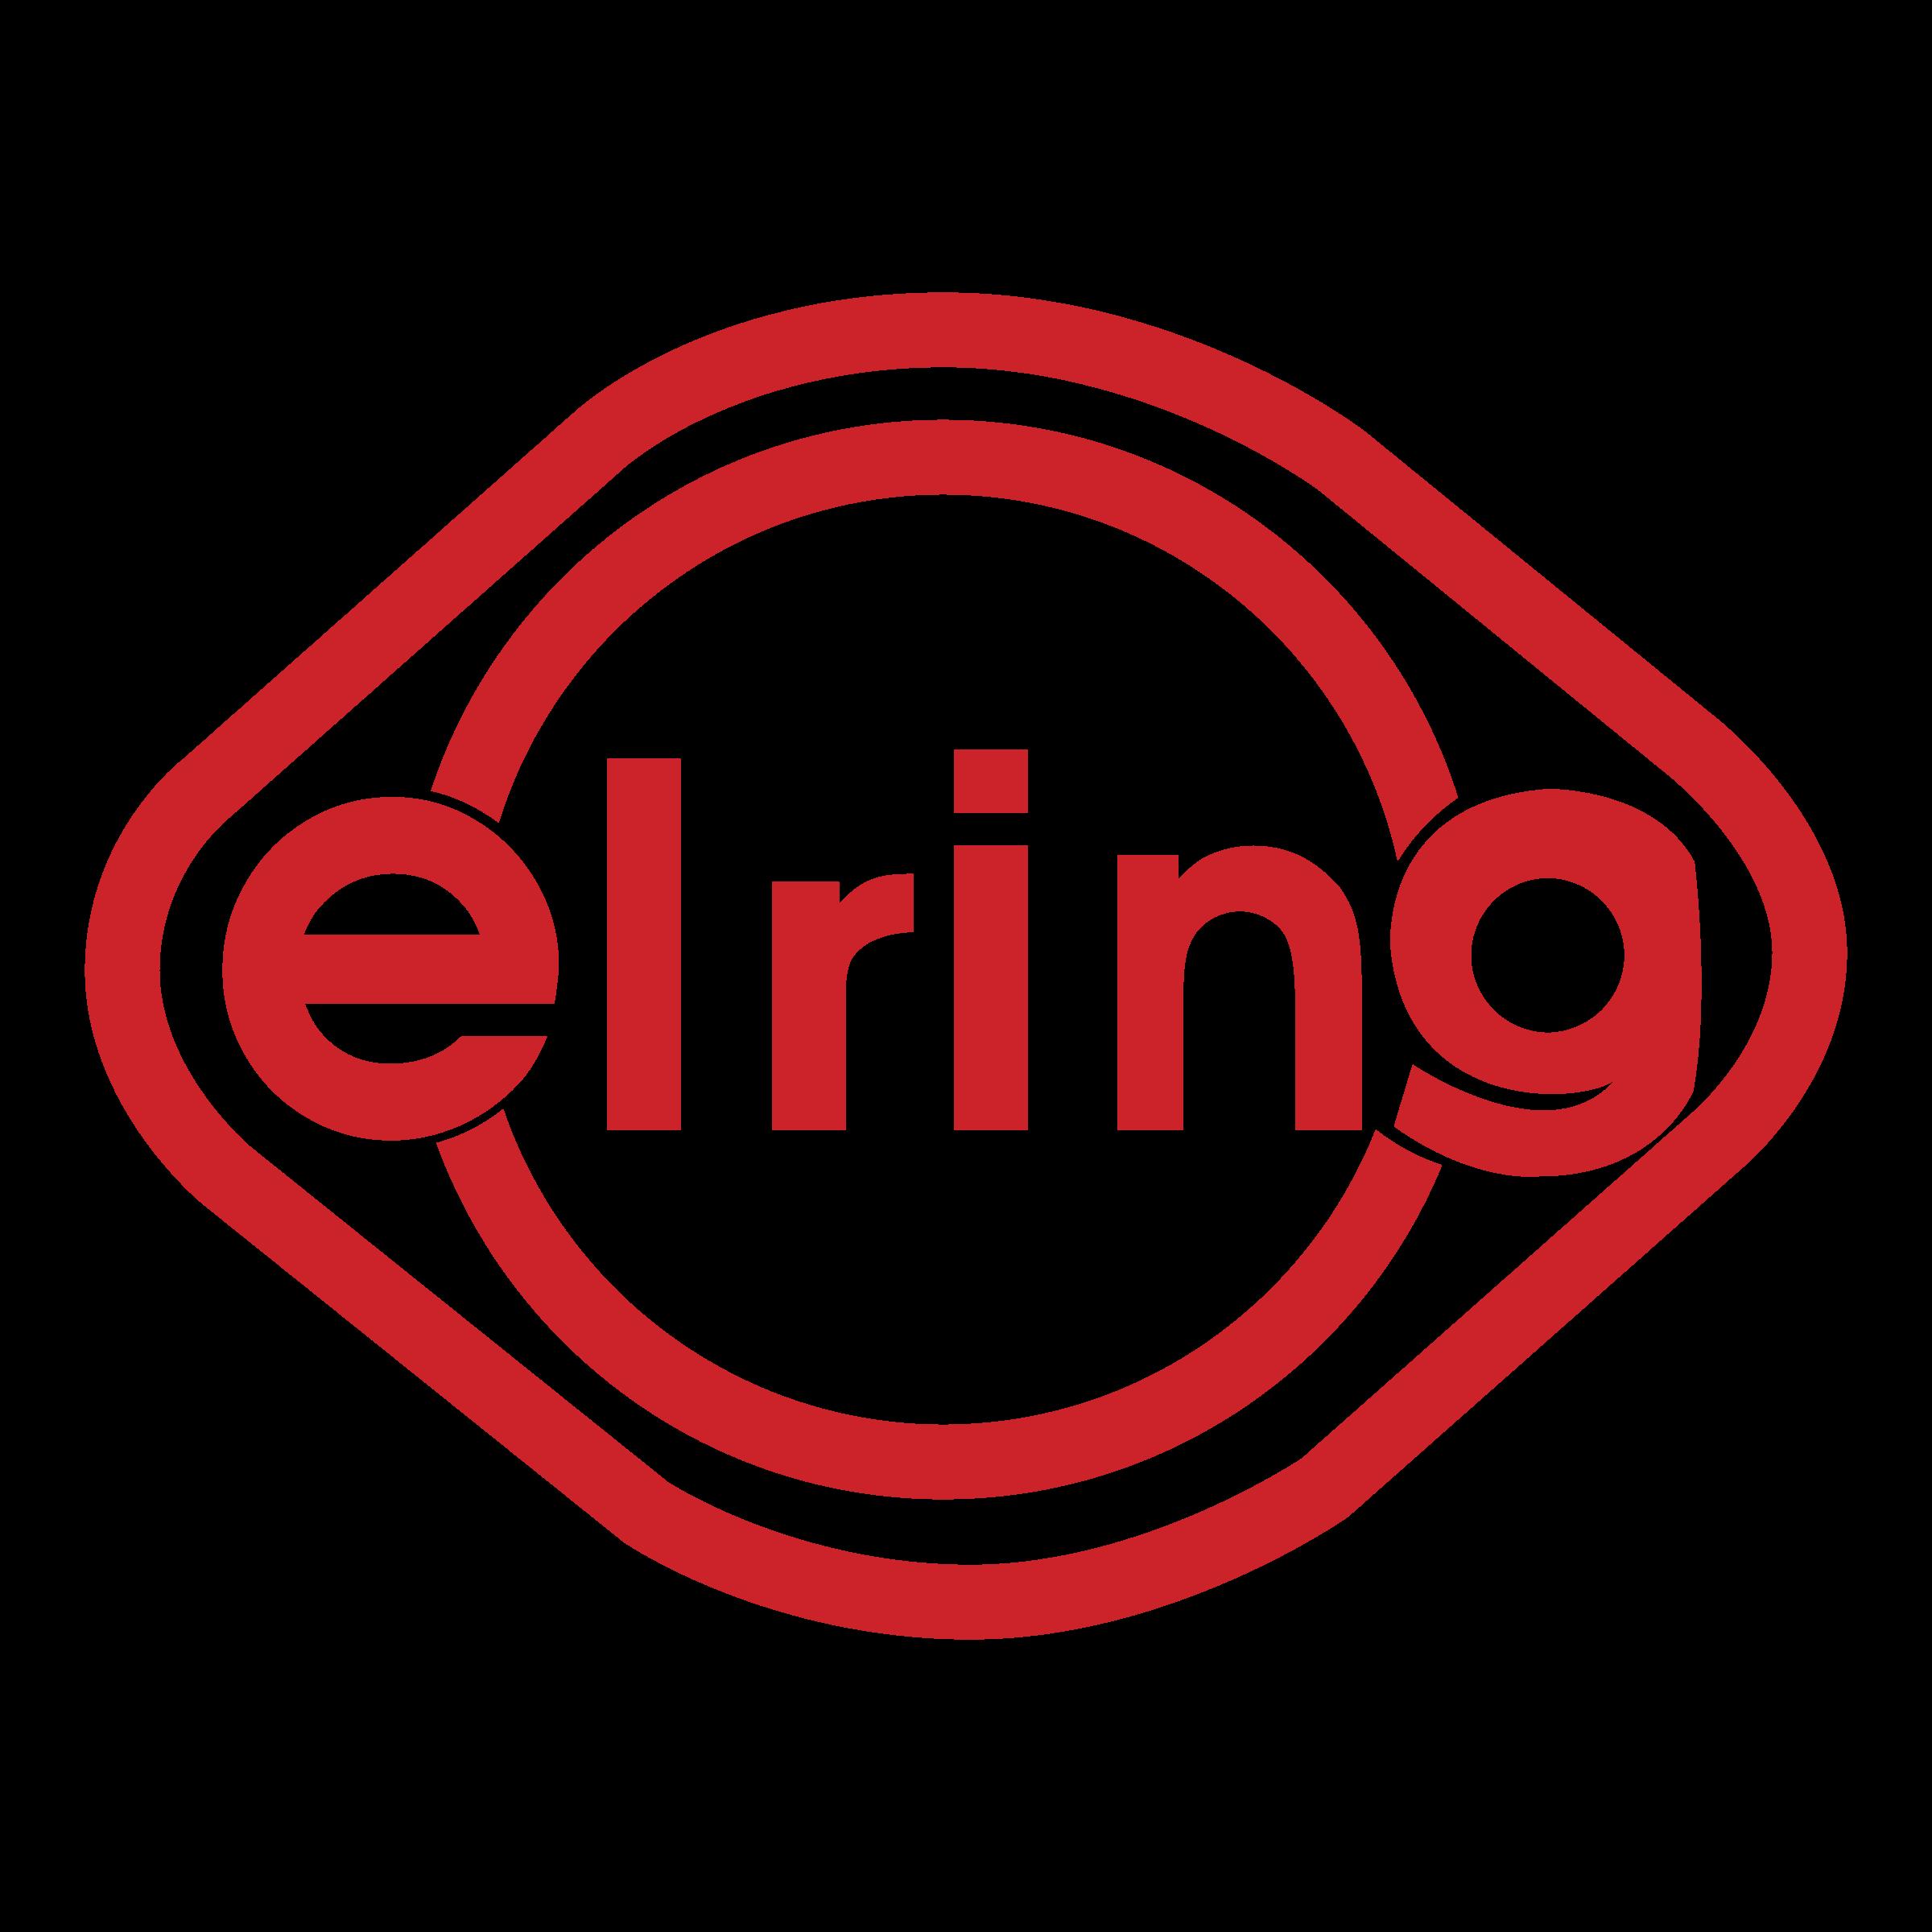 elring-logo-png-transparent.png